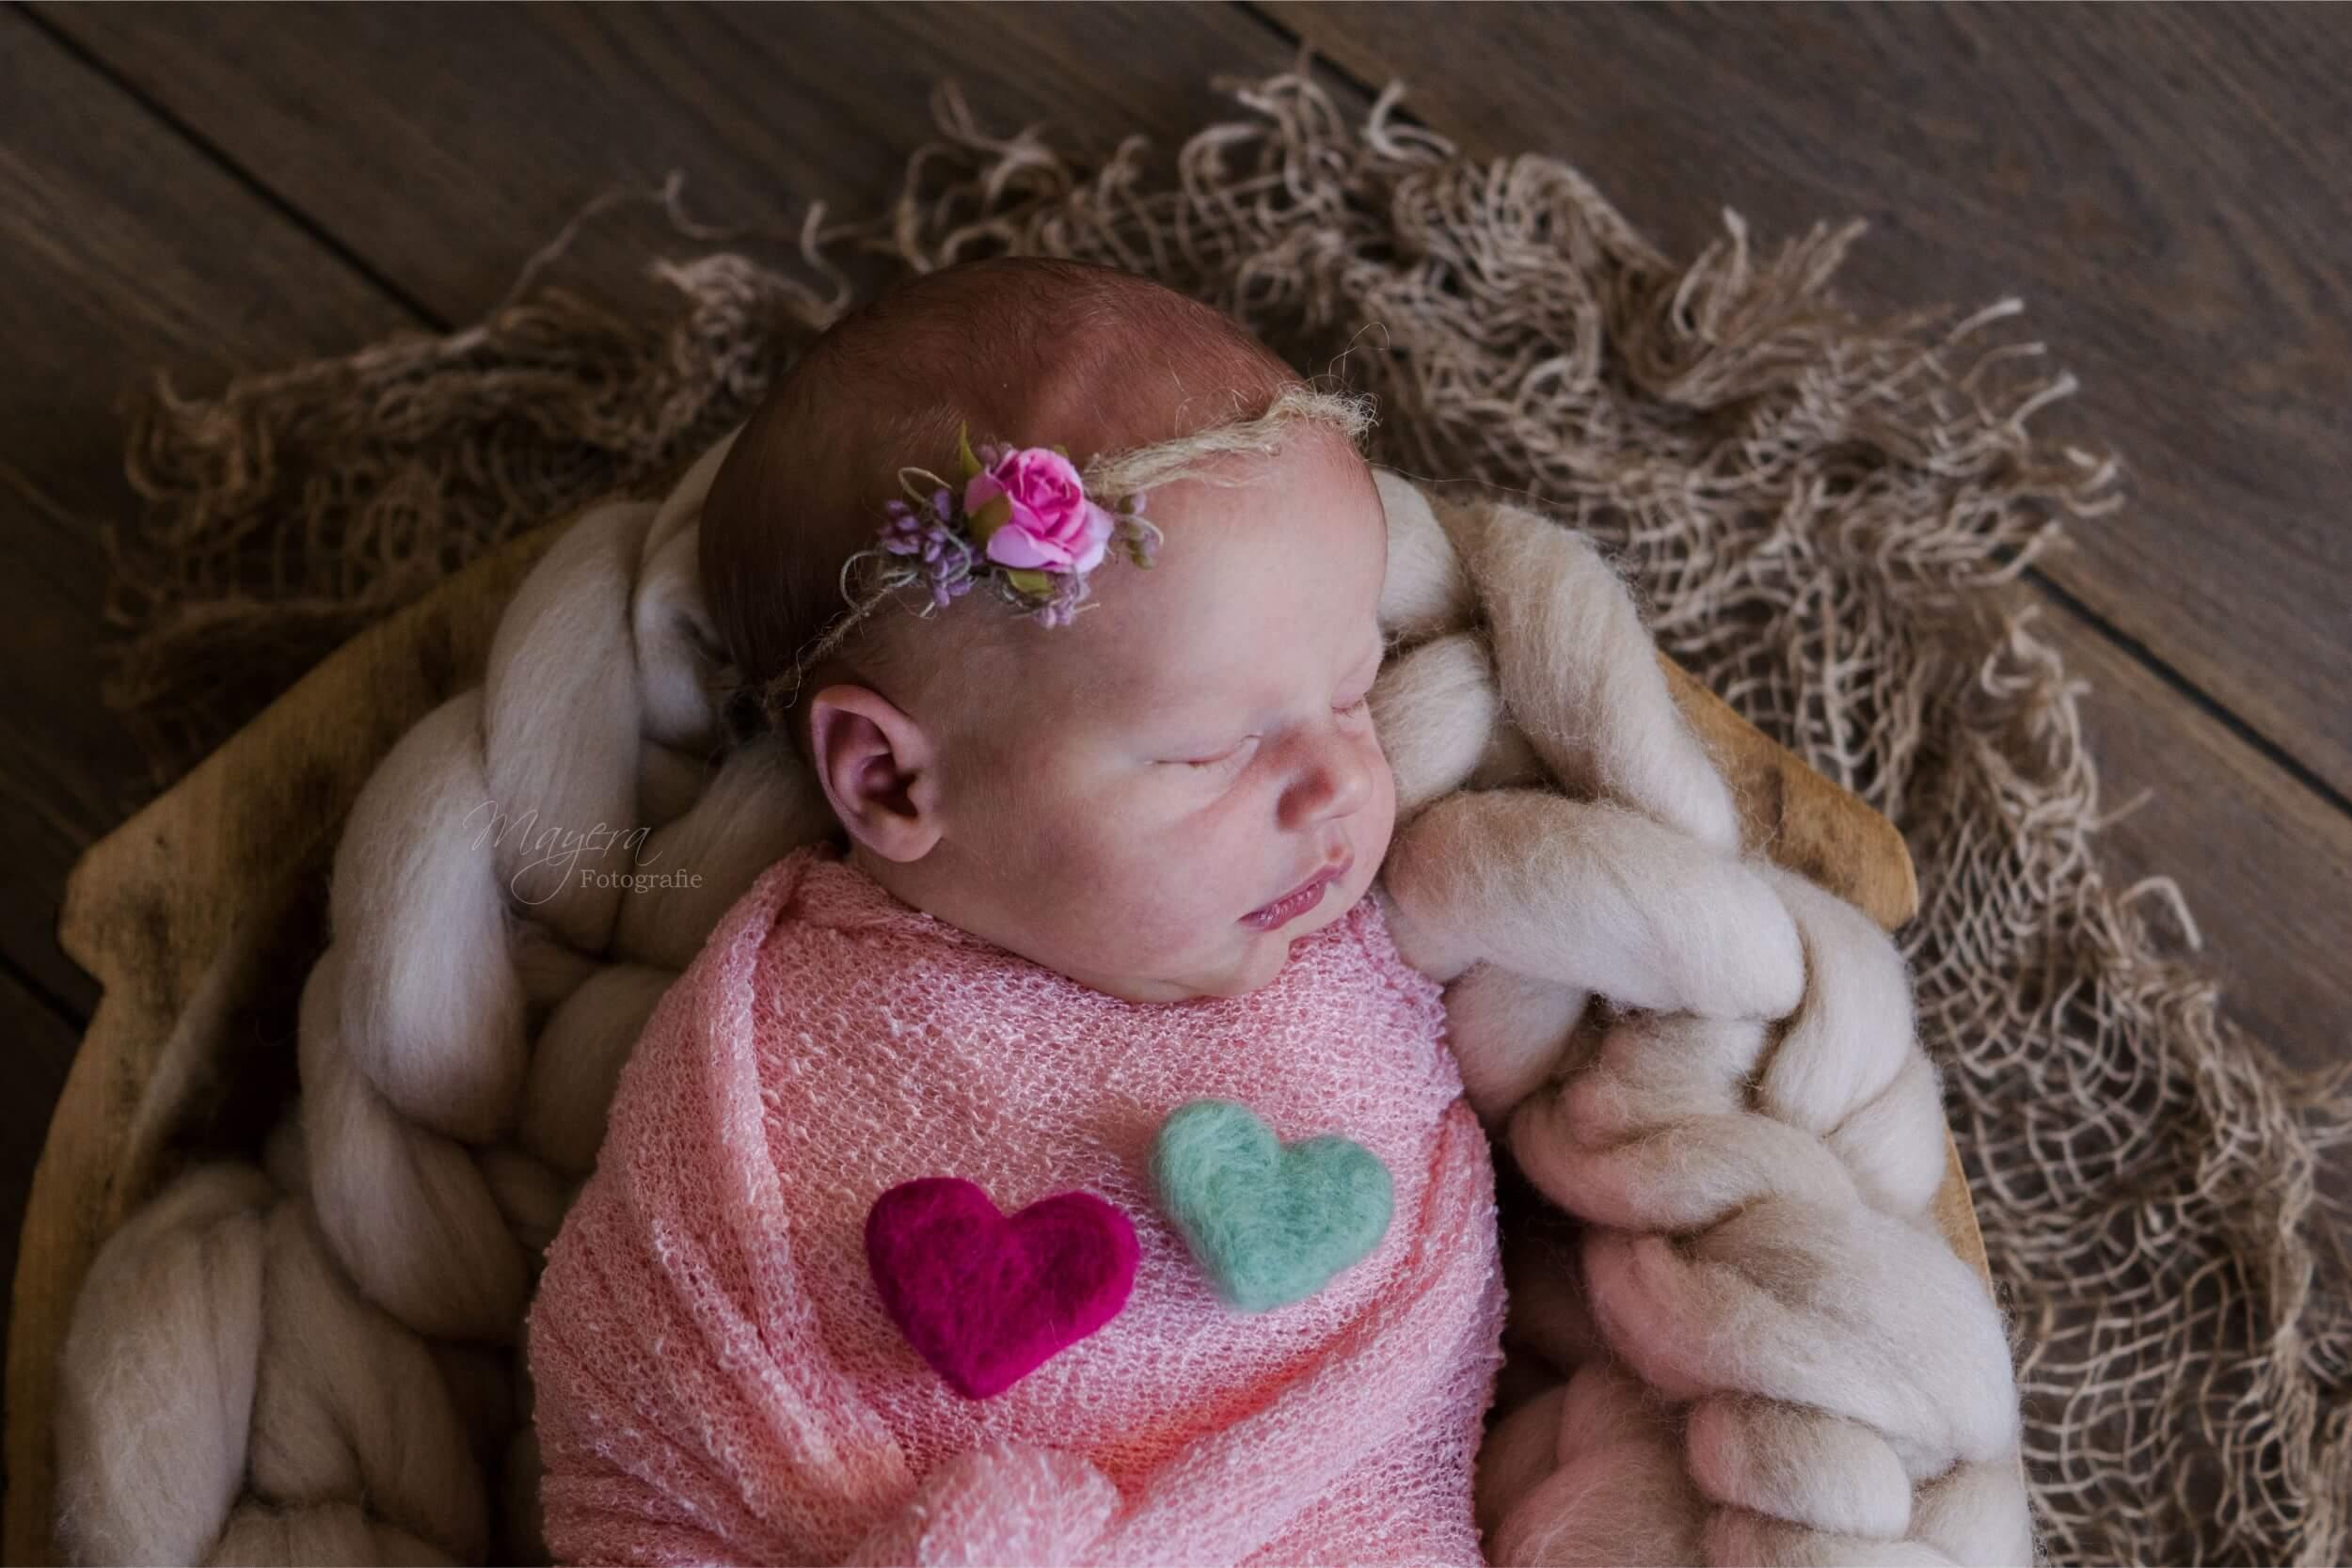 gevilten hartjes newborn meisje